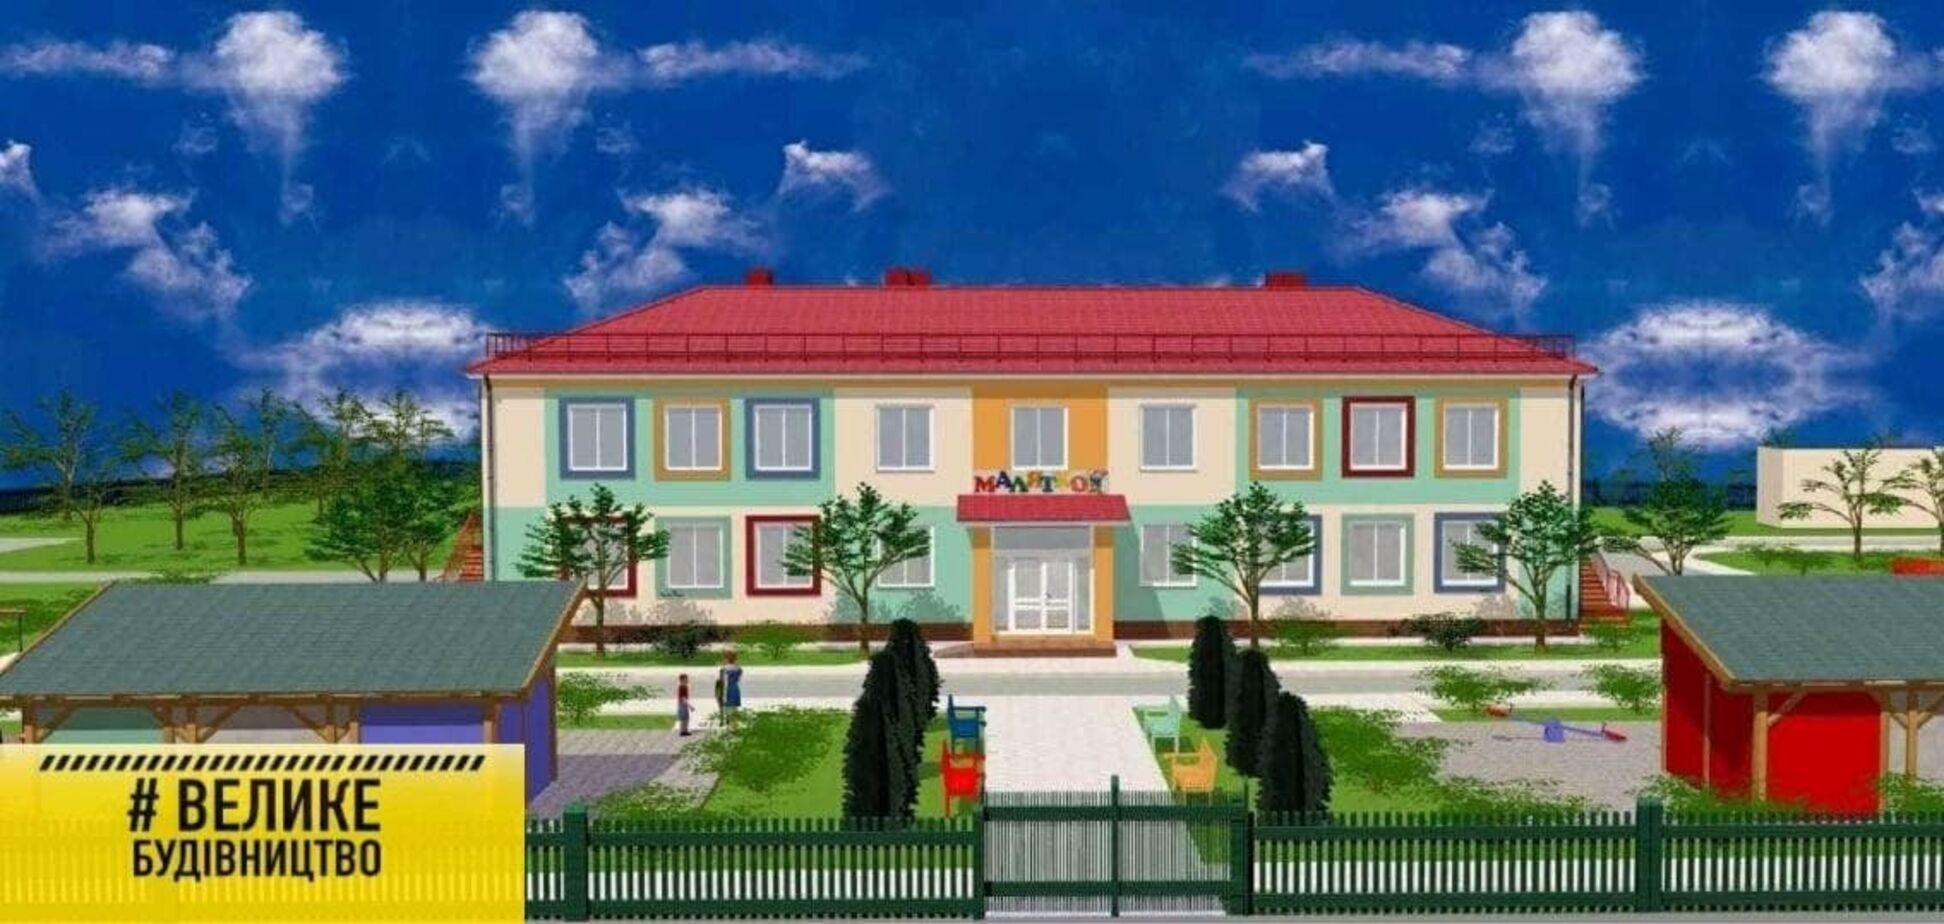 У селі на Миколаївщині почалася масштабна реконструкція дитячого садка 'Малятко'